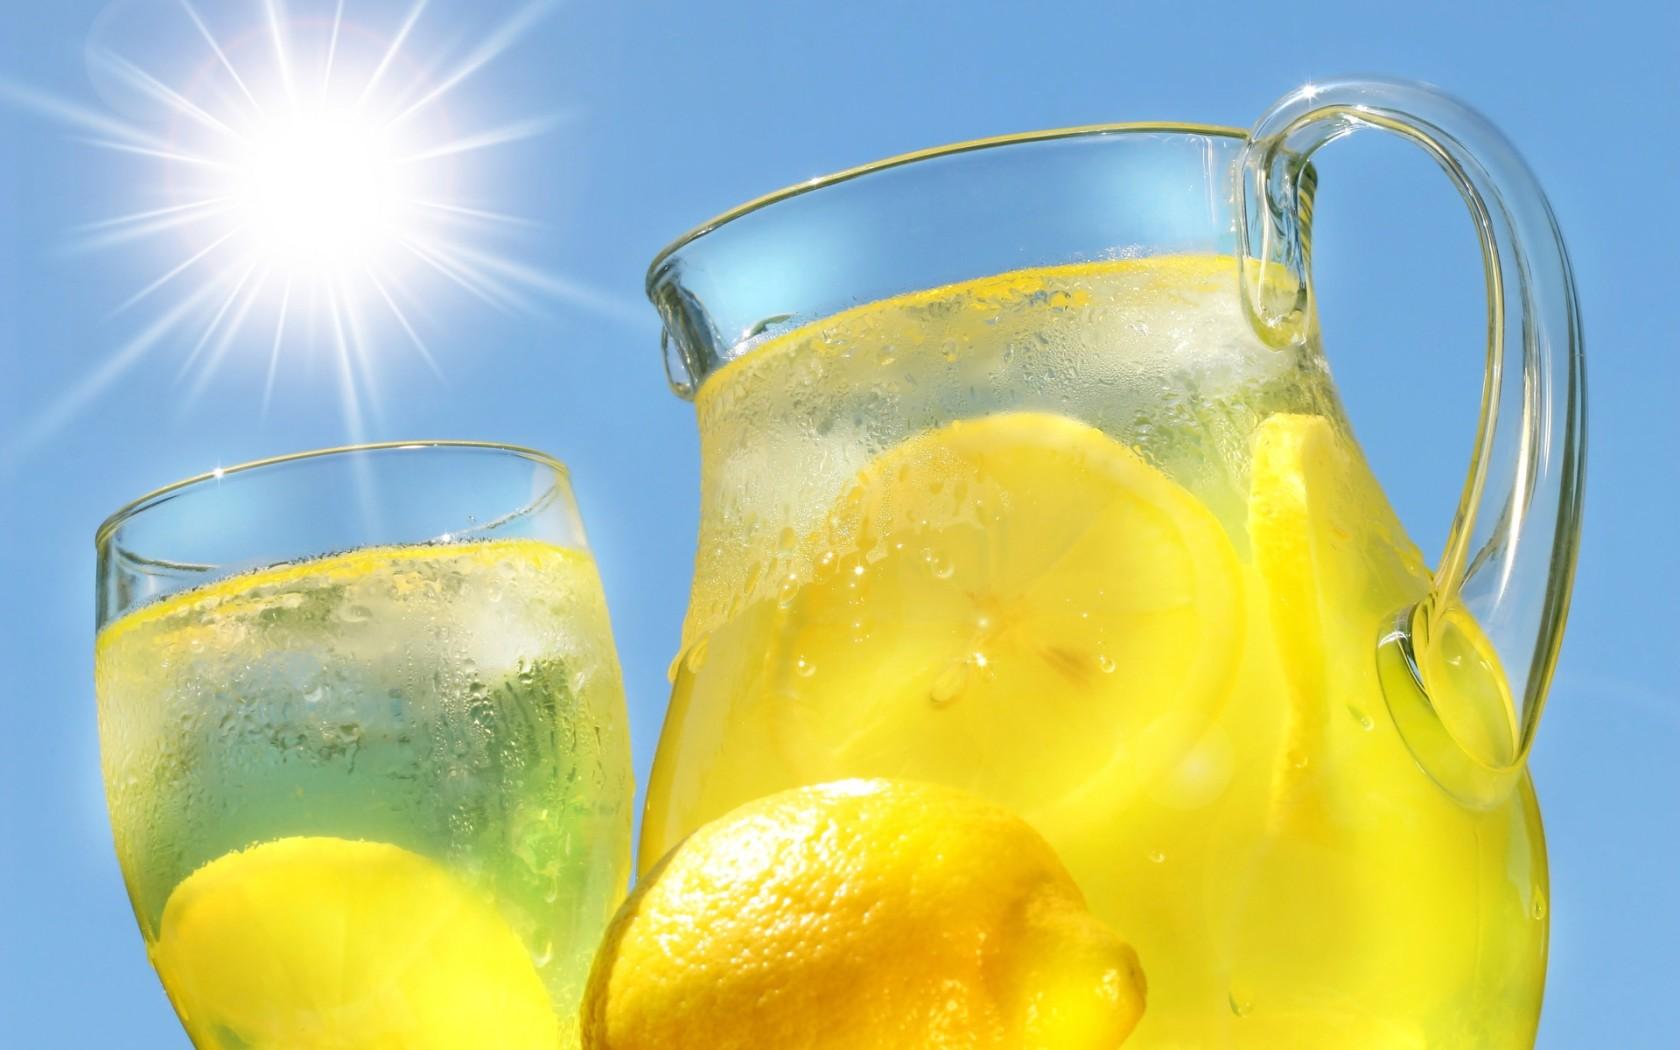 Lemonade Wallpaper